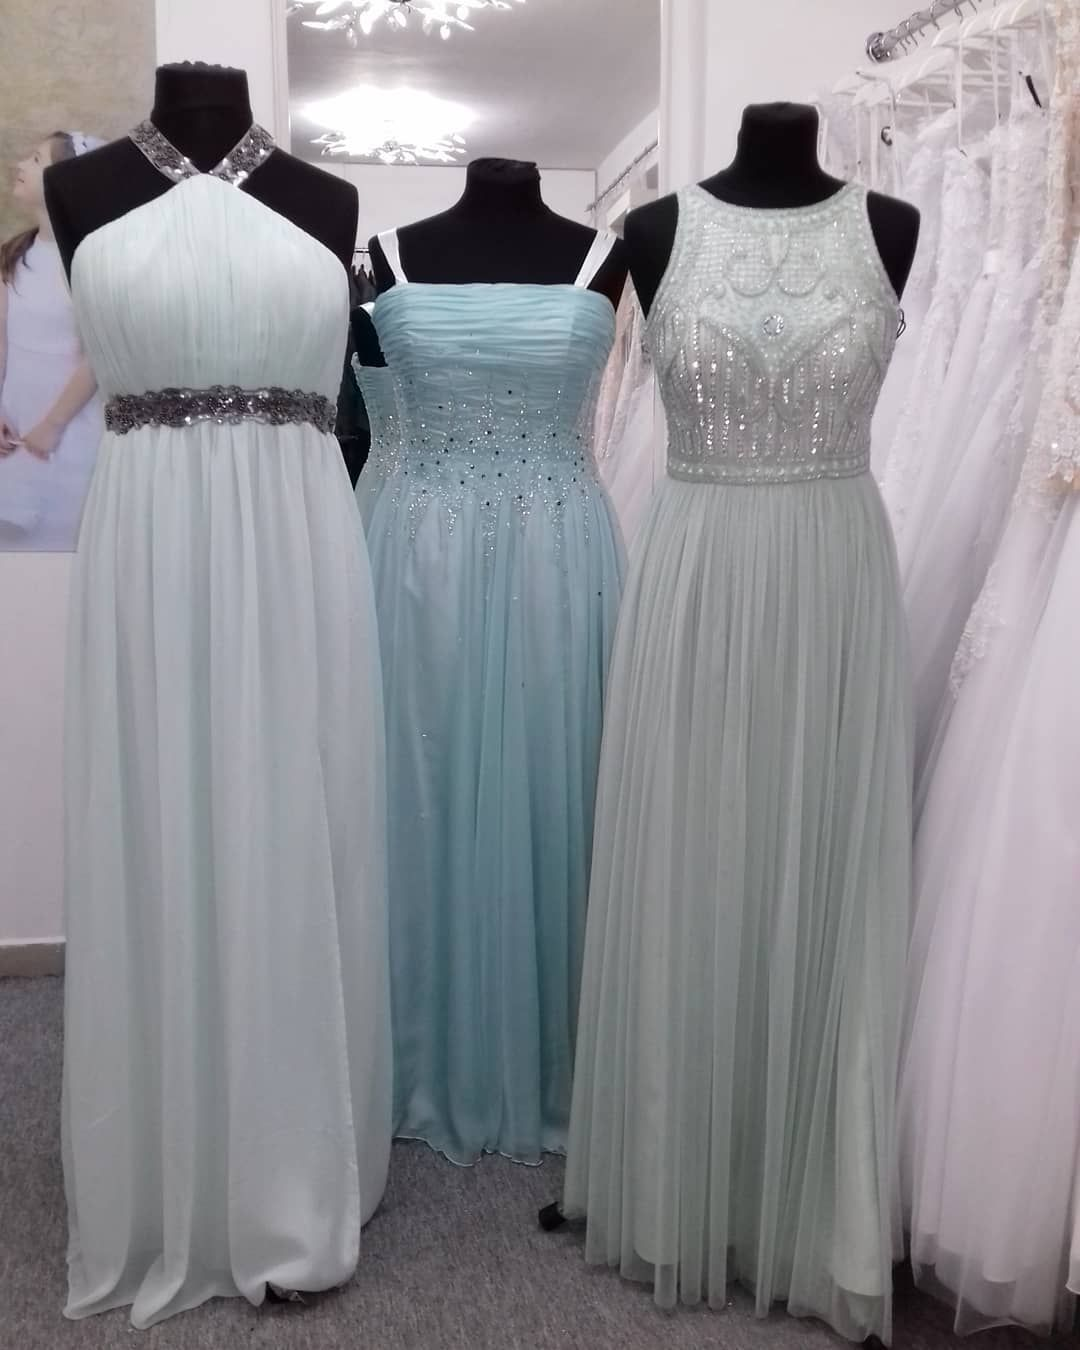 67dfc71c3e Mentolové plesové šaty - dlouhé šaty - maturitní šaty www.svatebninella.cz  mint dress